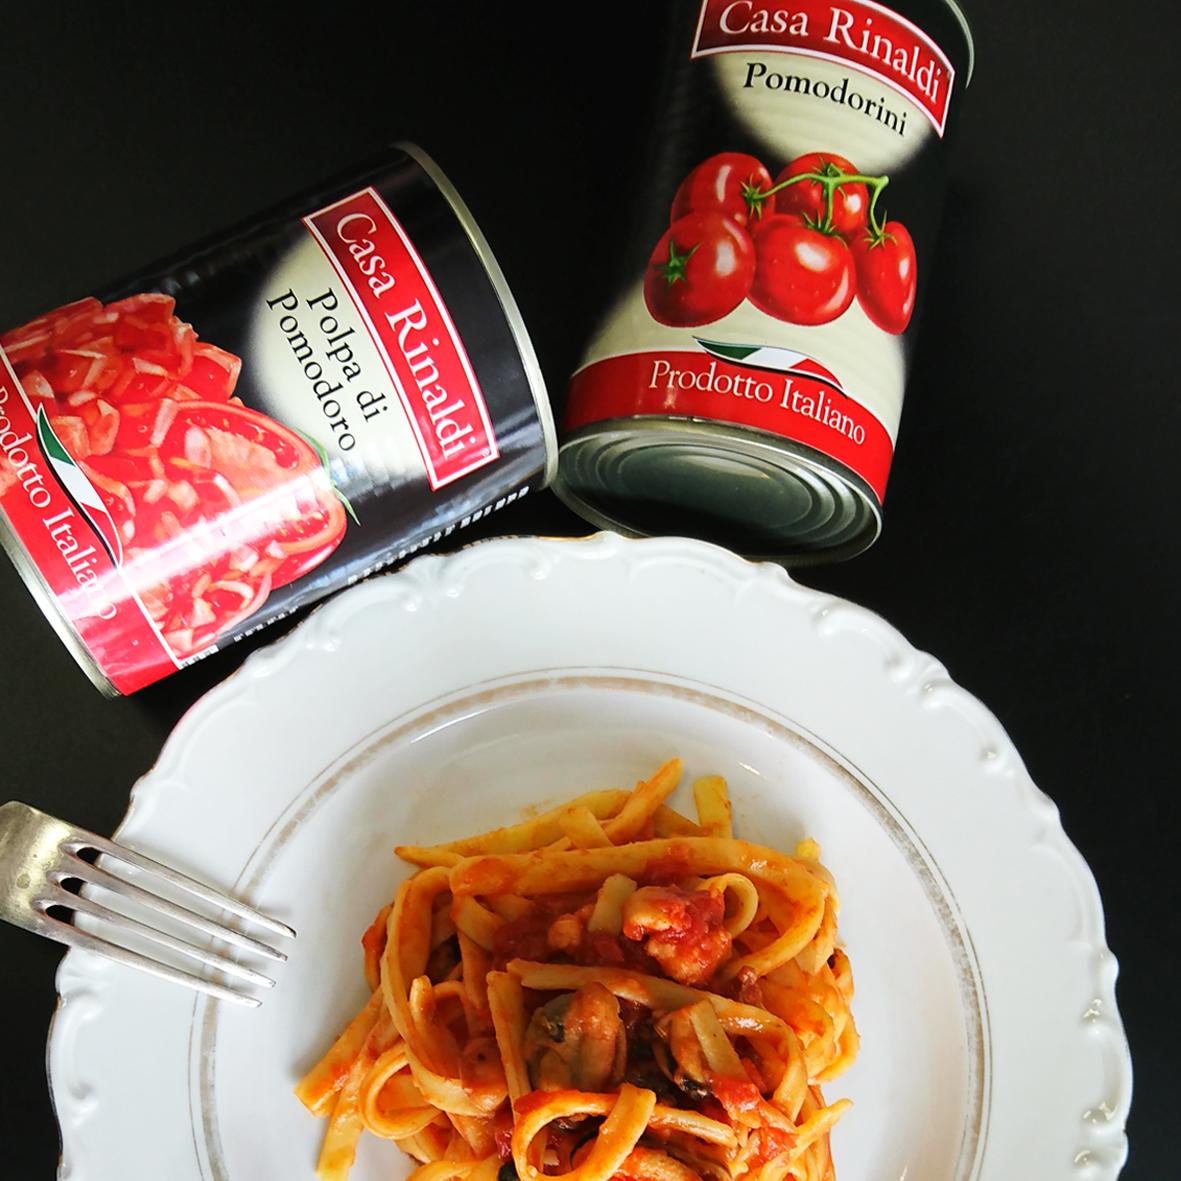 Кусочки очищенных помидоров Casa Rinaldi в собственном соку 400г